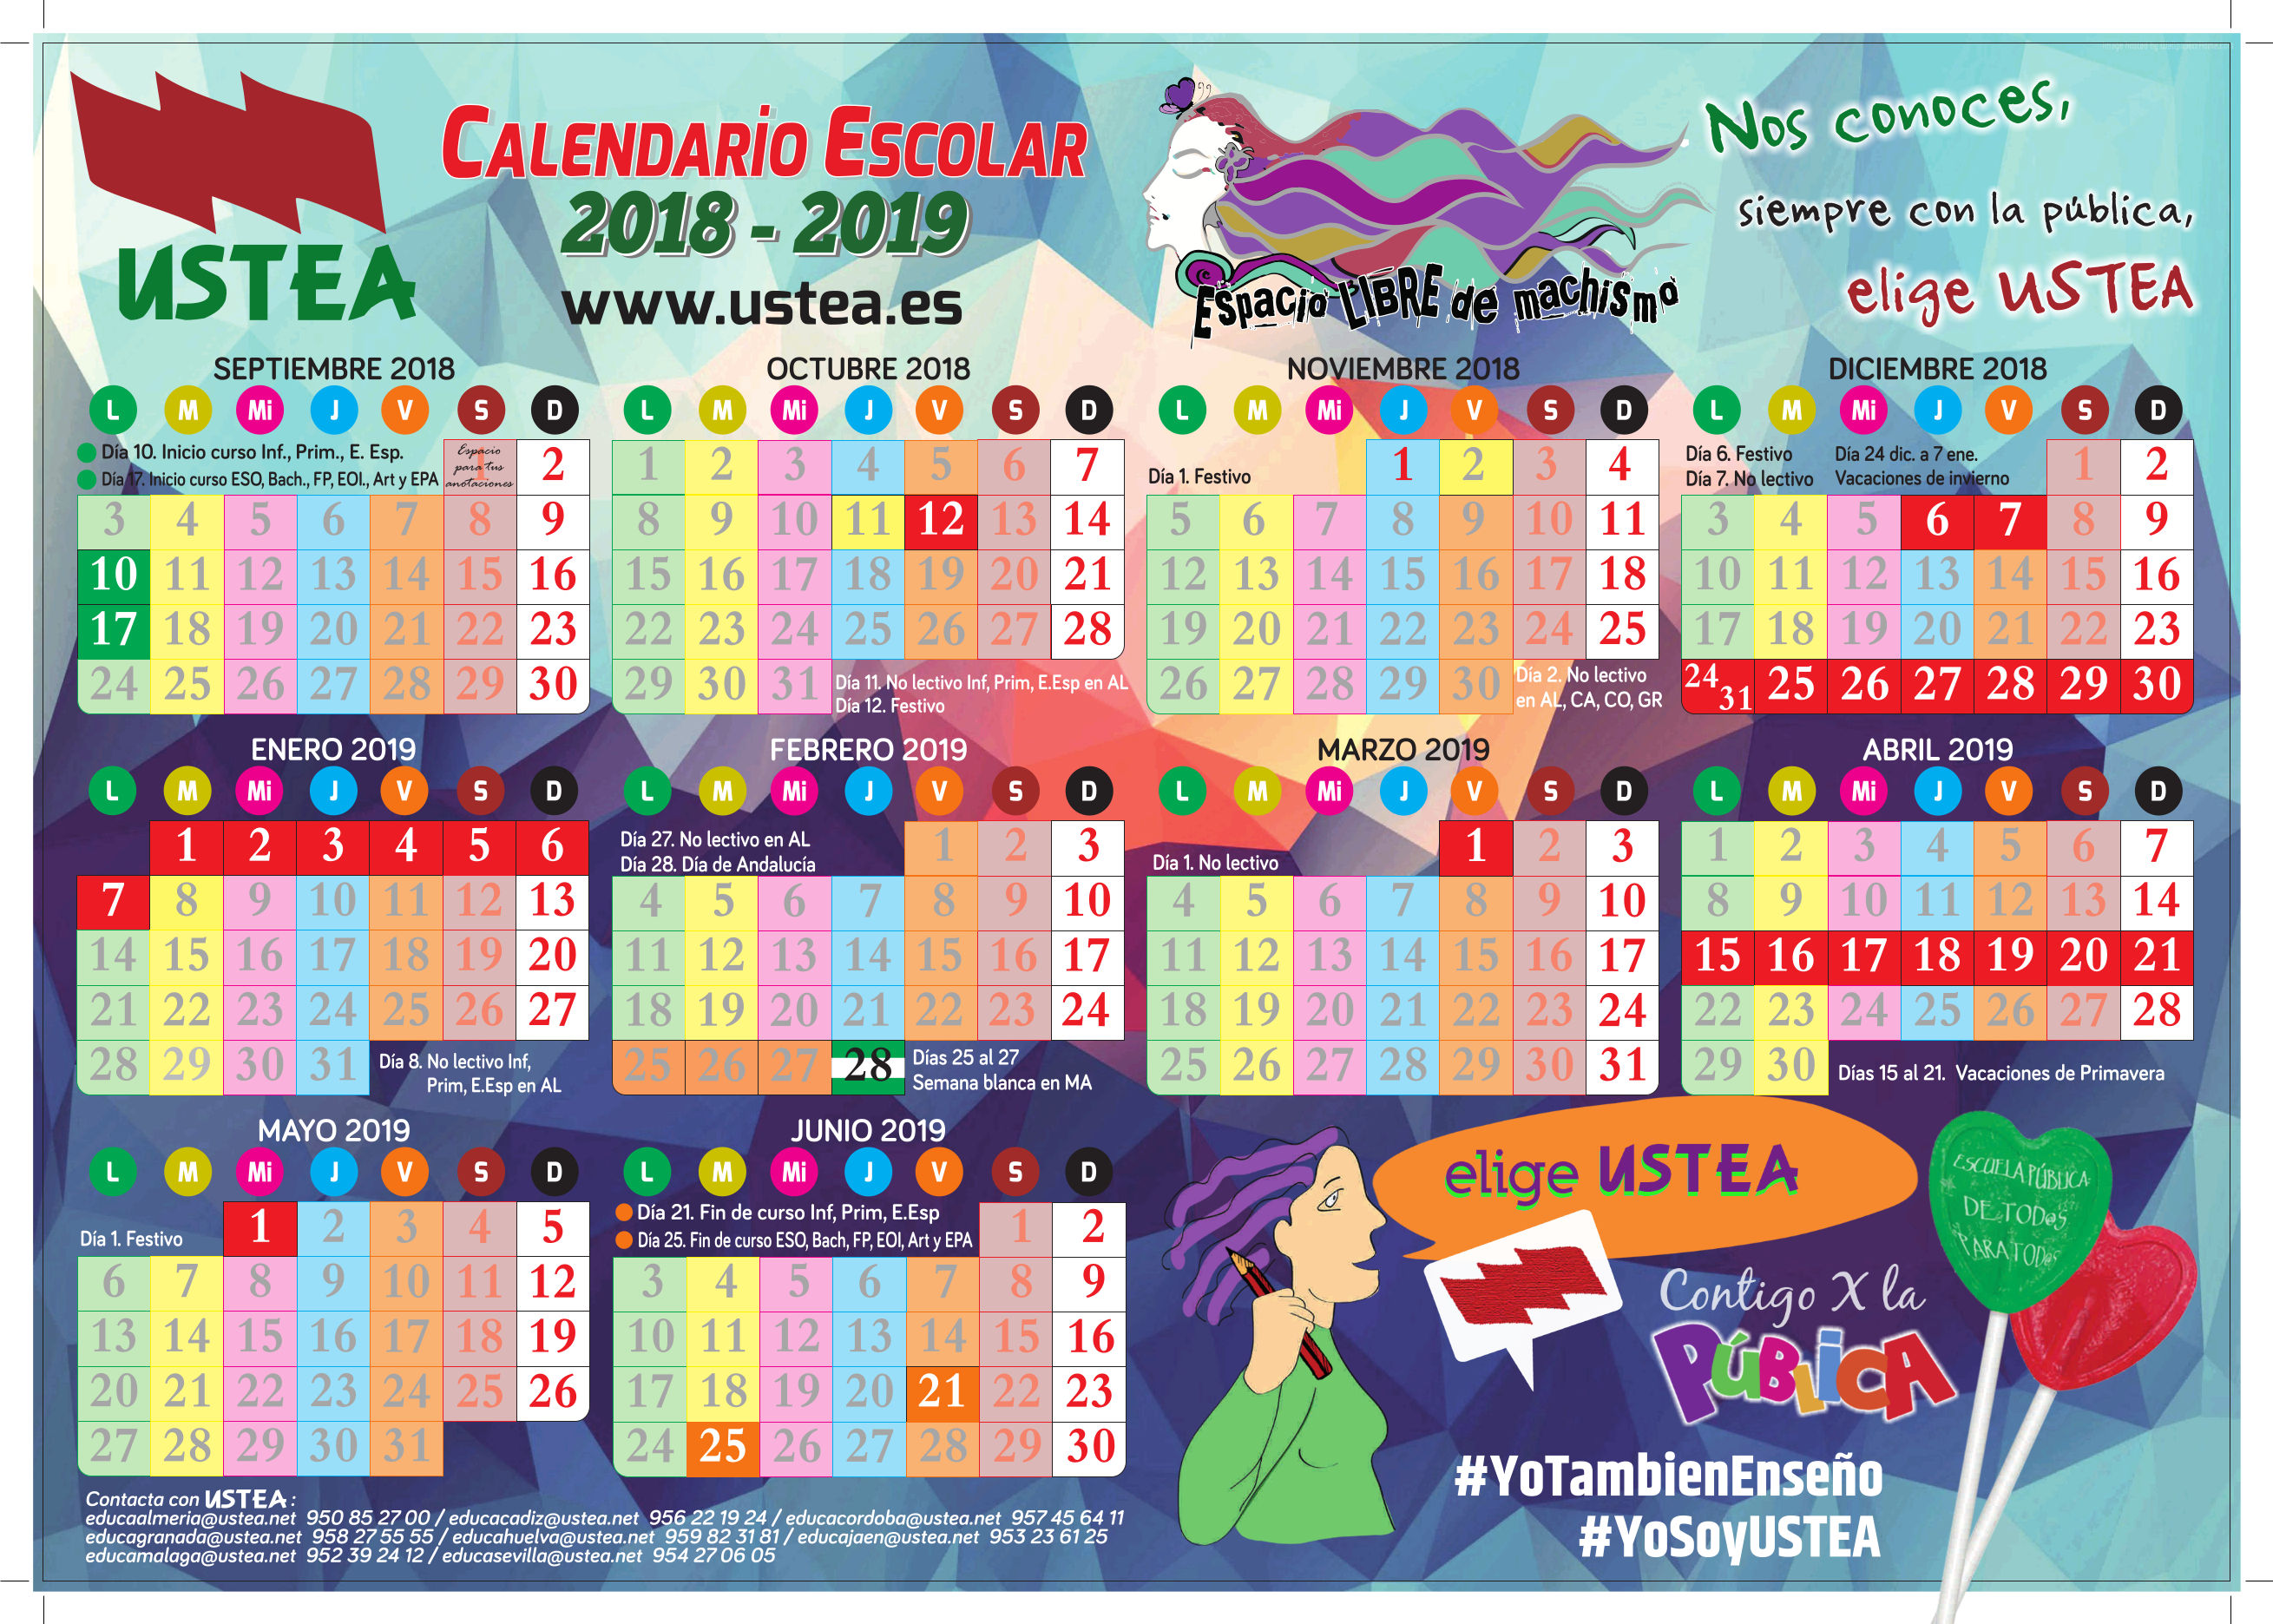 Calendario Escolar Huelva.Calendario Escolar Curso 2018 2019